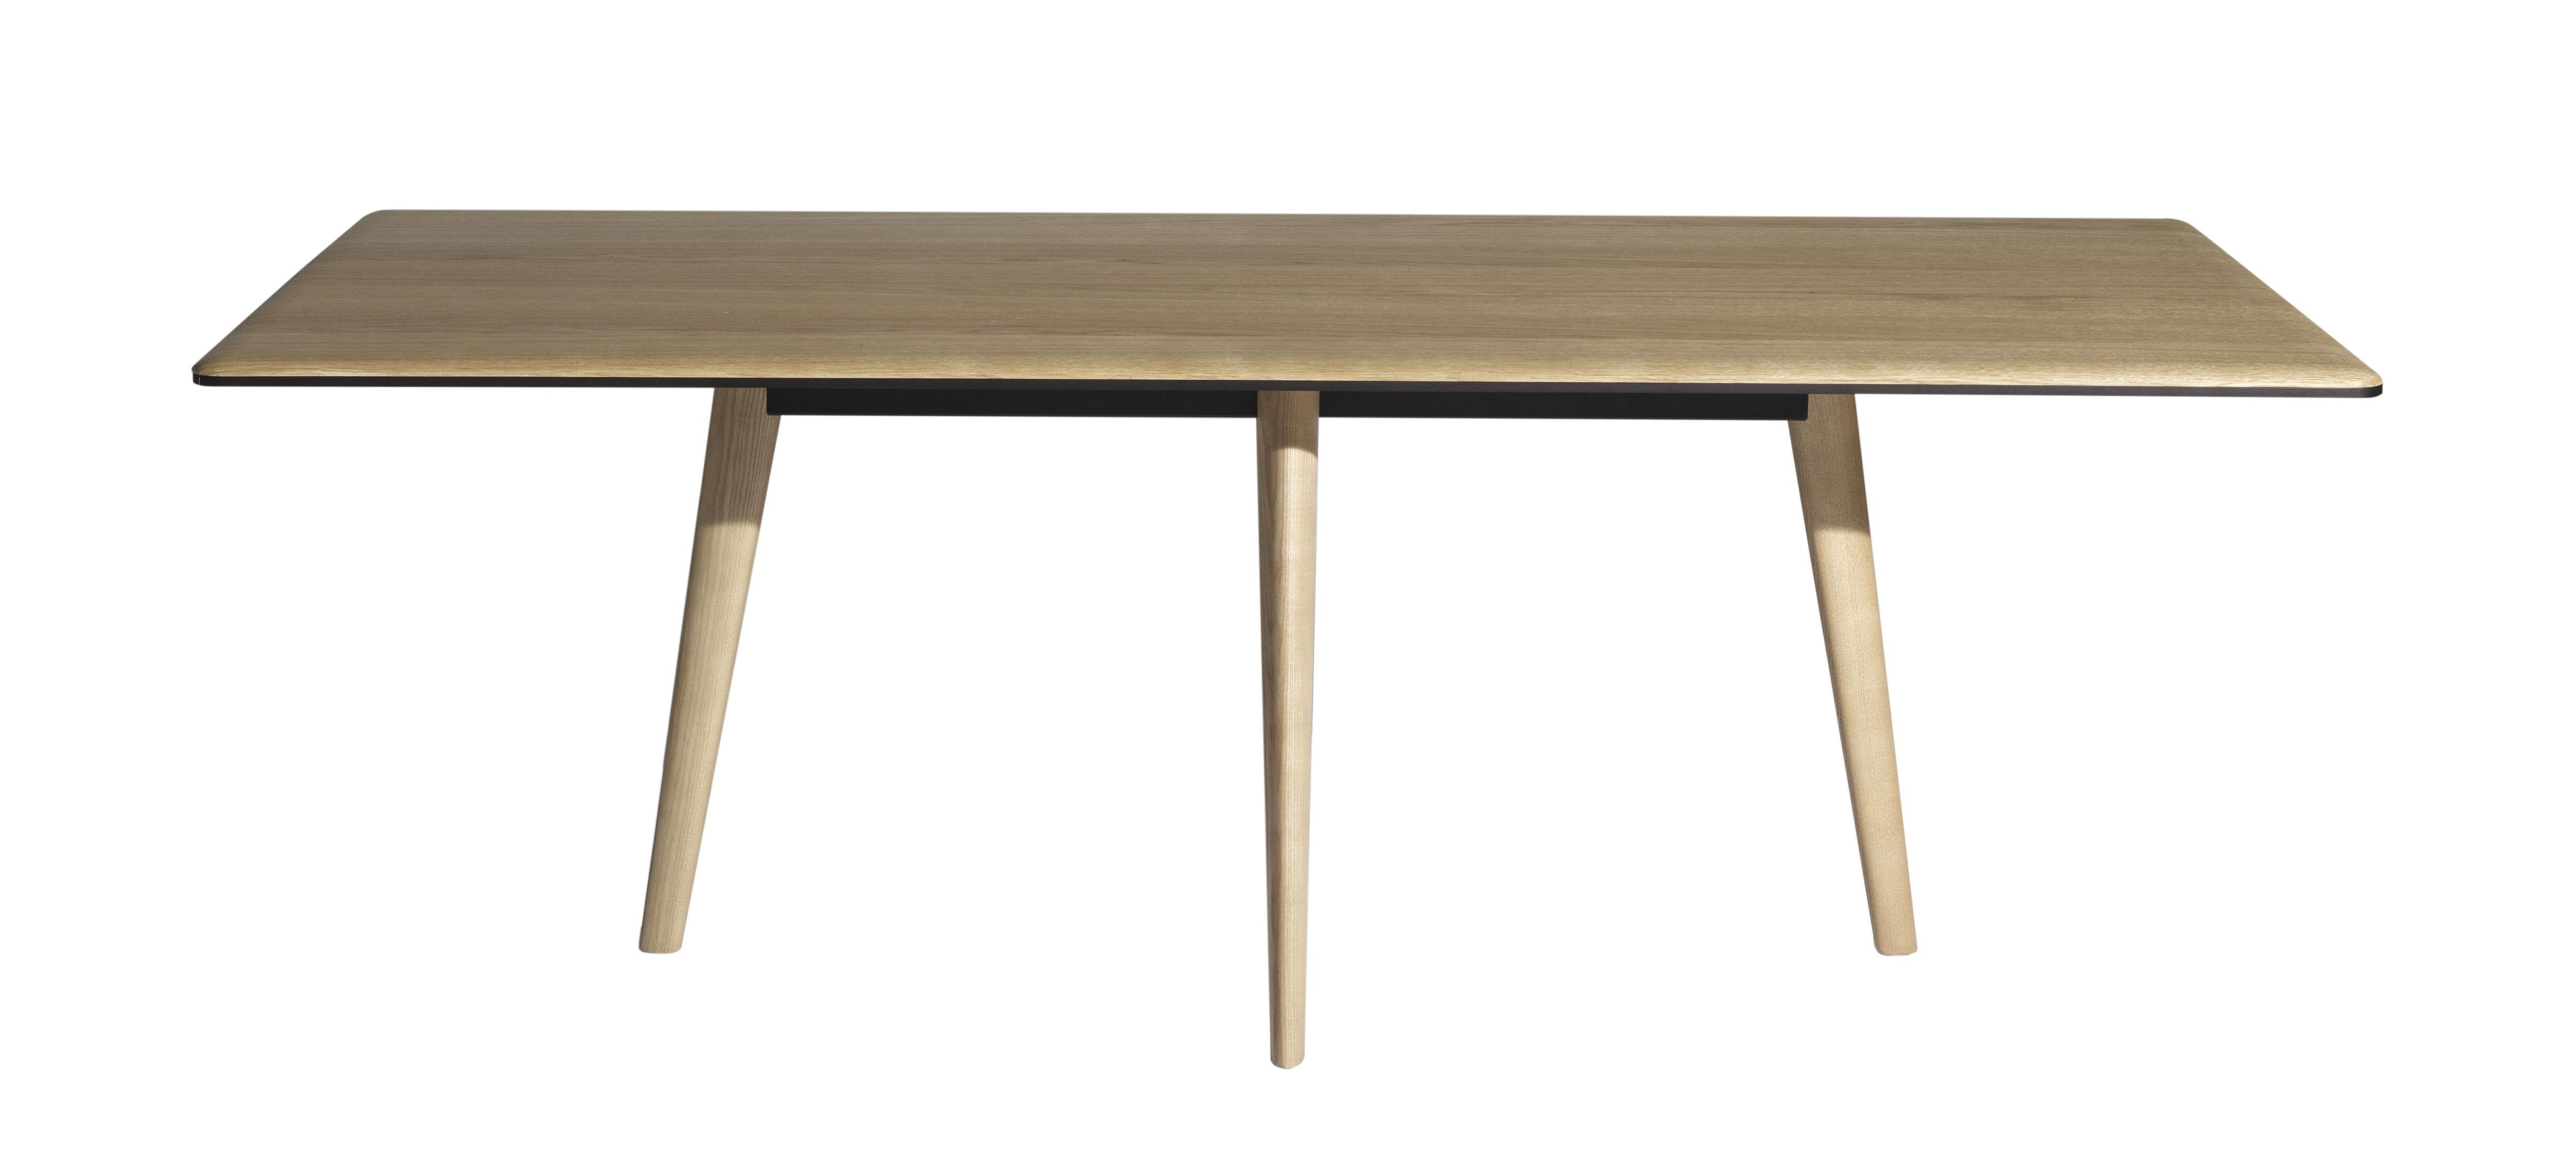 Möbel - Tische - François rechteckiger Tisch / 210 x 100 cm - Tischplatte aus Holz - Driade - Eiche, hell - Aluminium, Frêne massif verni, Massiveiche, lackiert